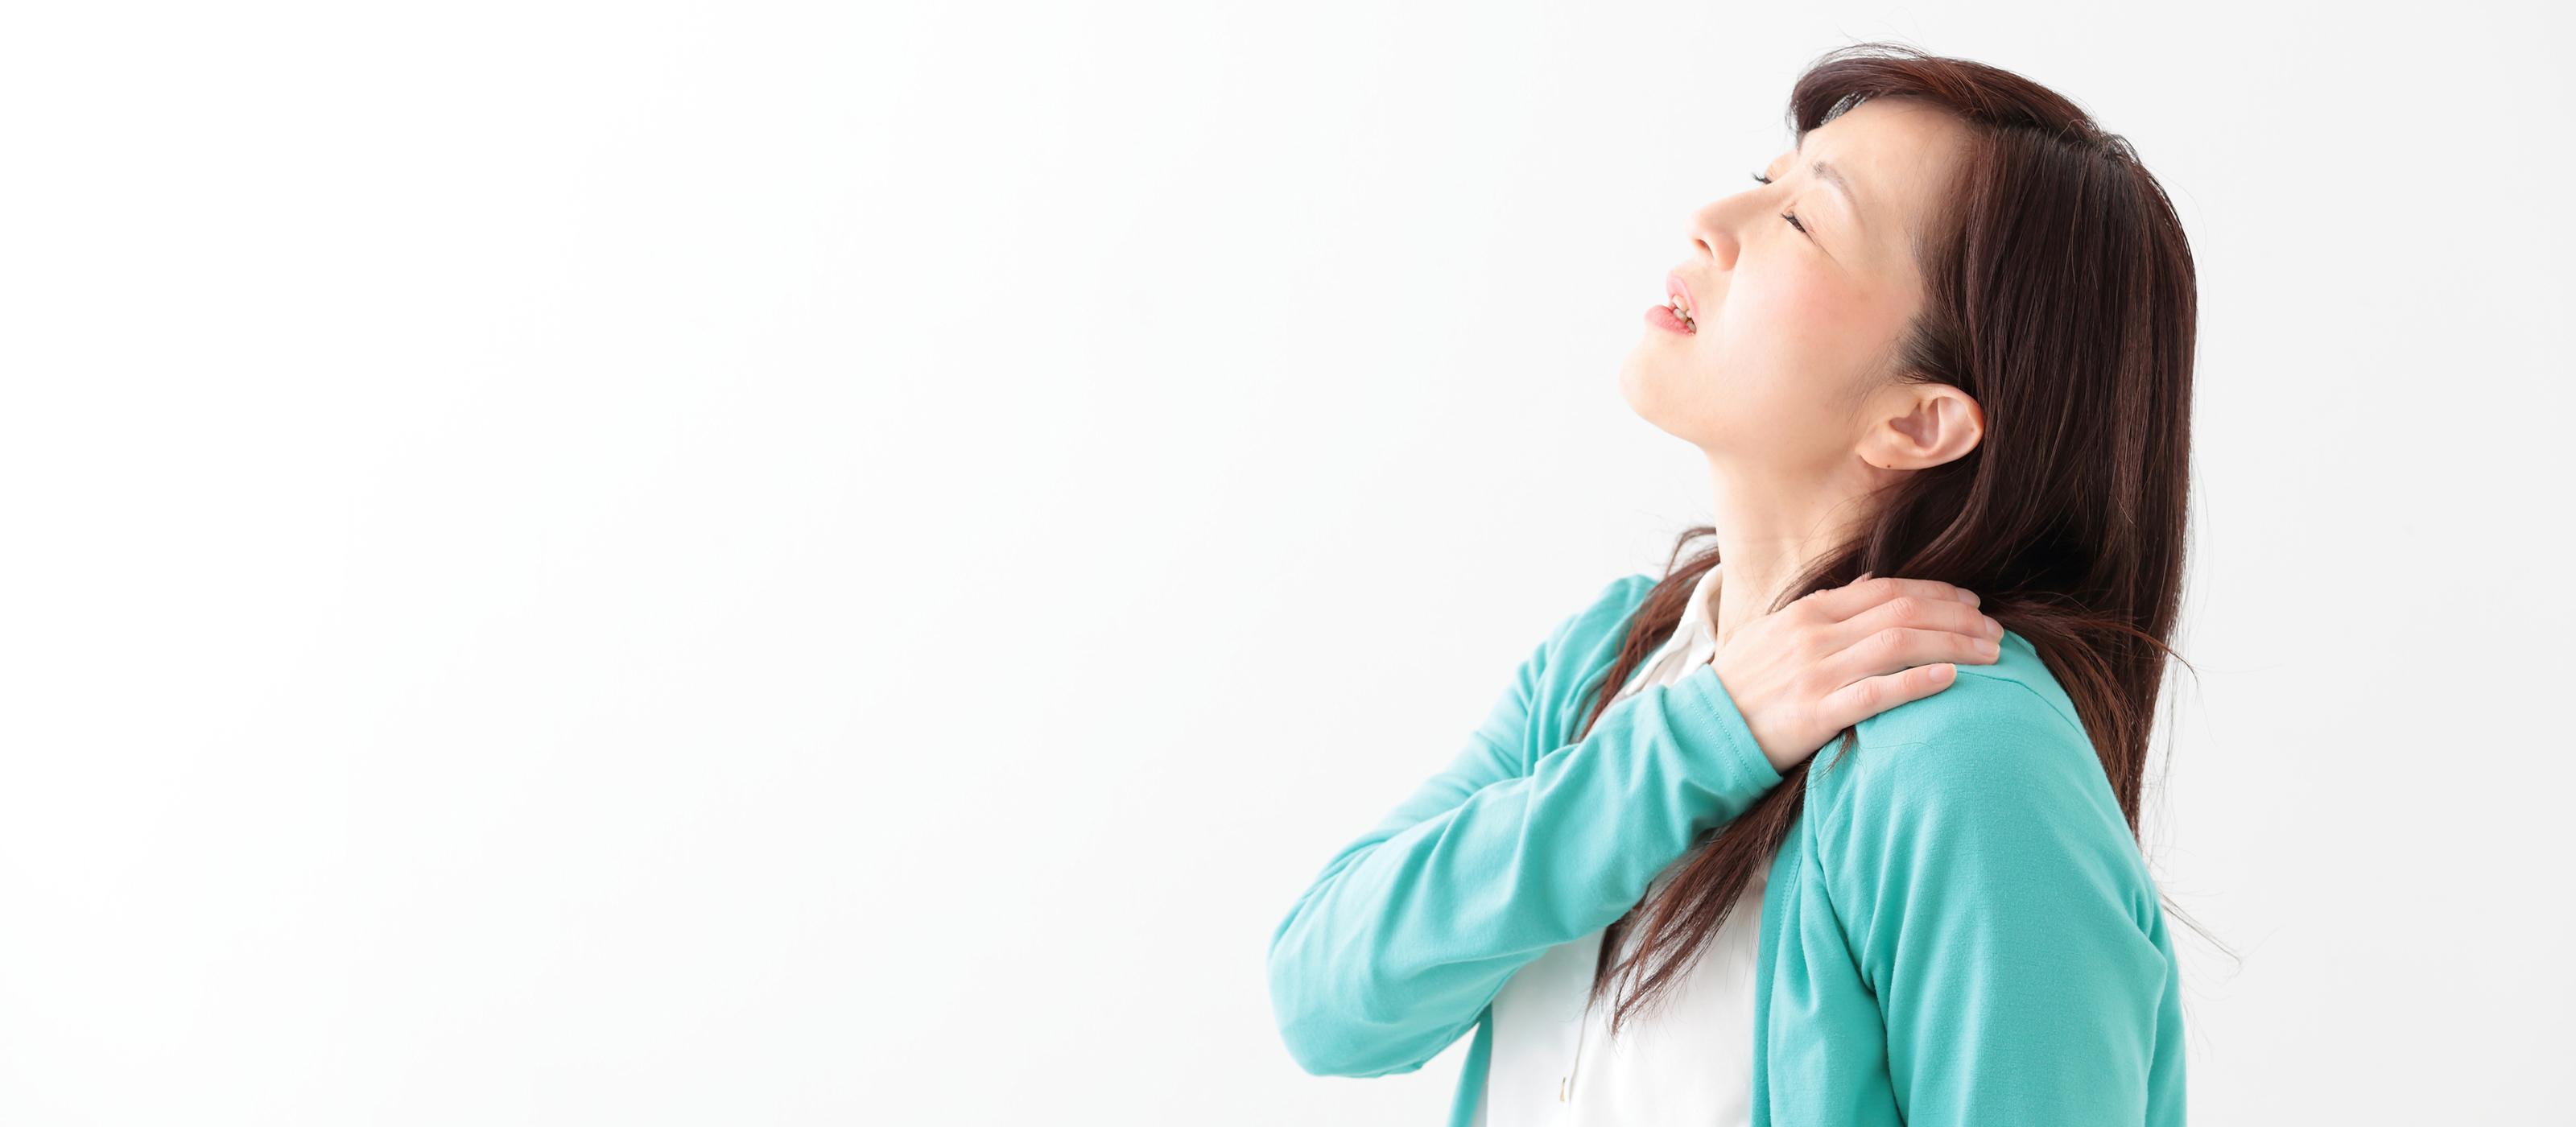 頭痛、四十肩(五十肩)、ぎっくり腰、<br>ひざの痛みで悩まれている方へ